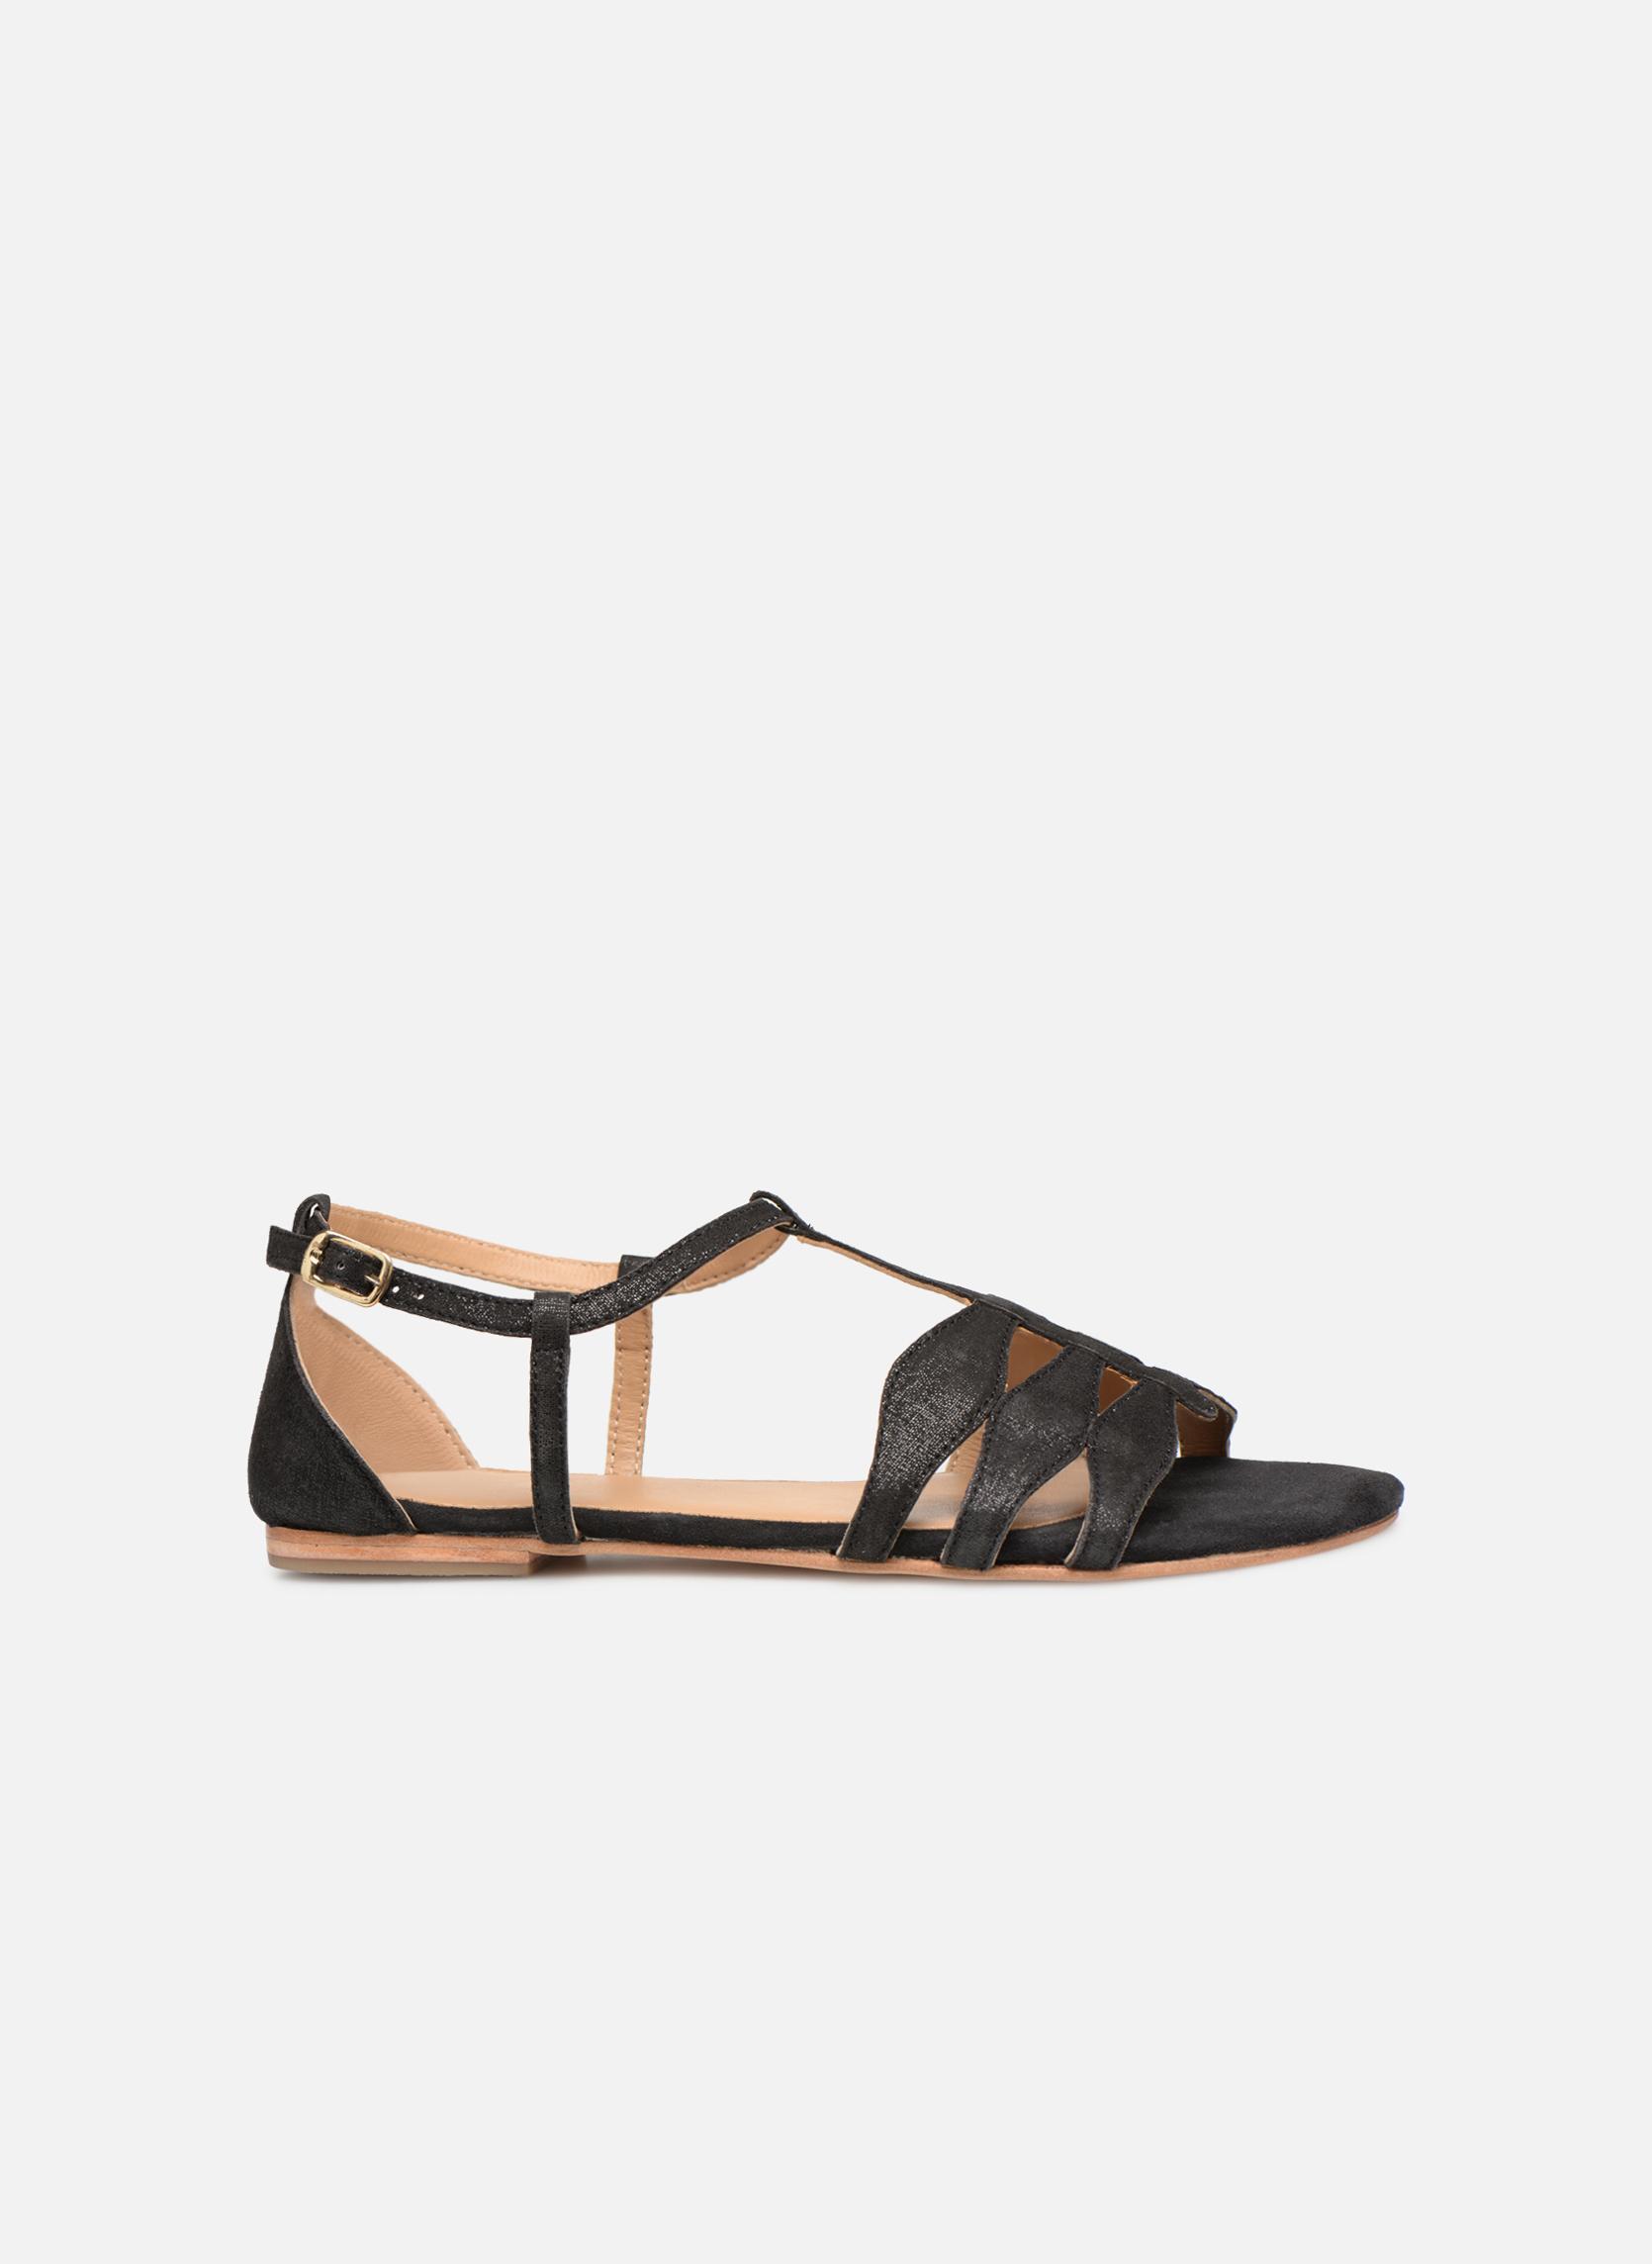 Sandales et nu-pieds Femme Bombay Babes Sandales Plates #4